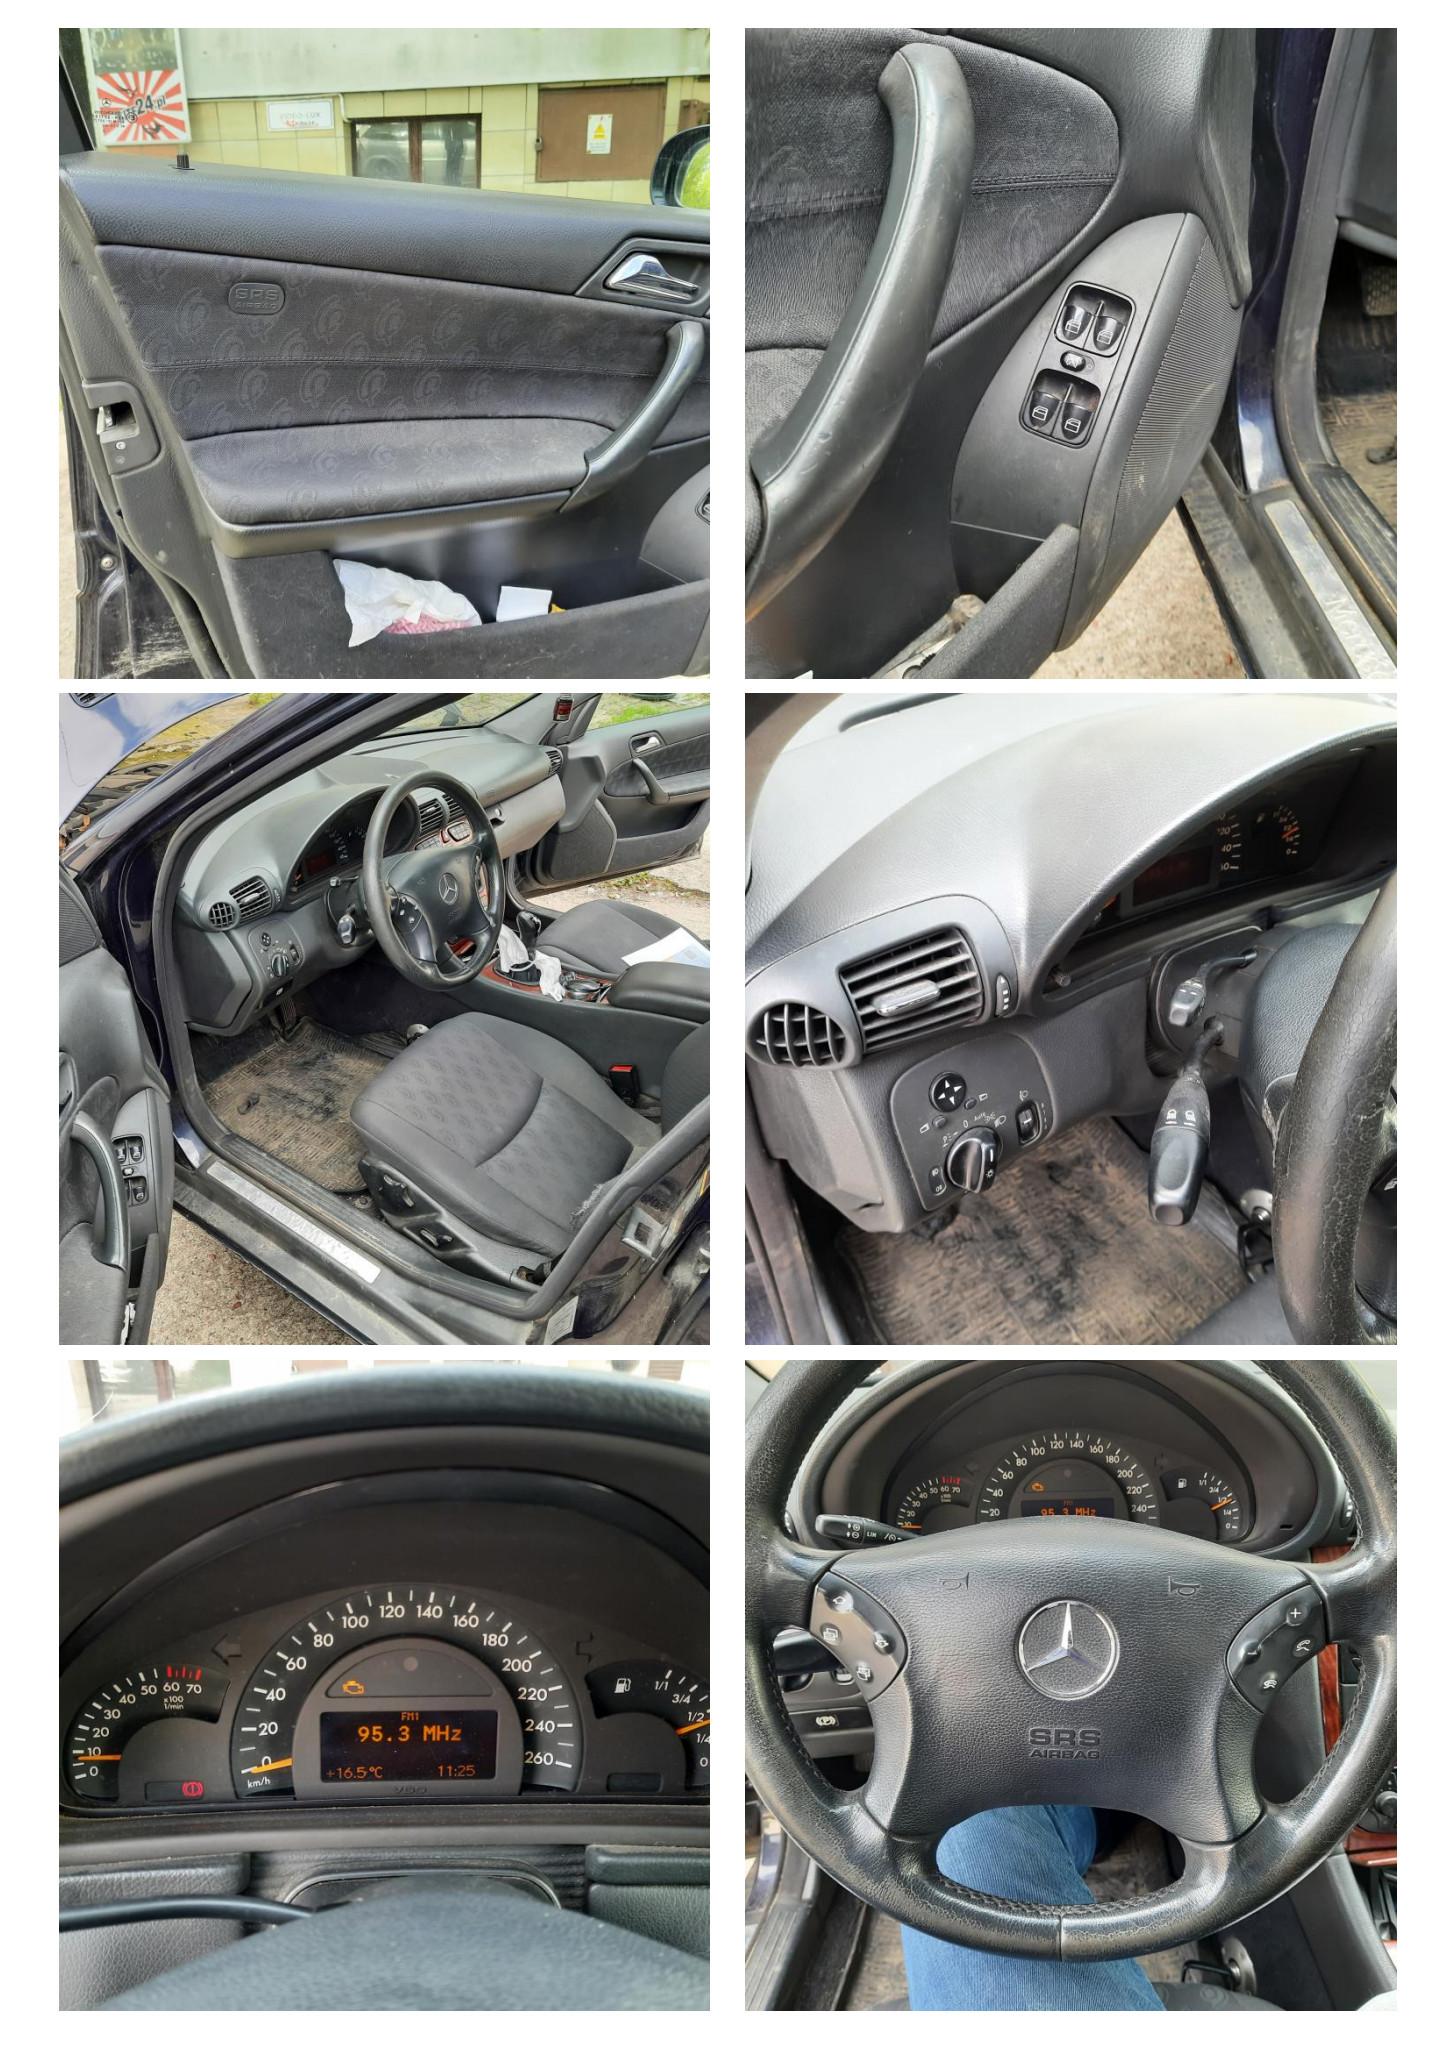 Freemoto - Syndyk sprzeda Mercedes Benz C 180 Kompressor